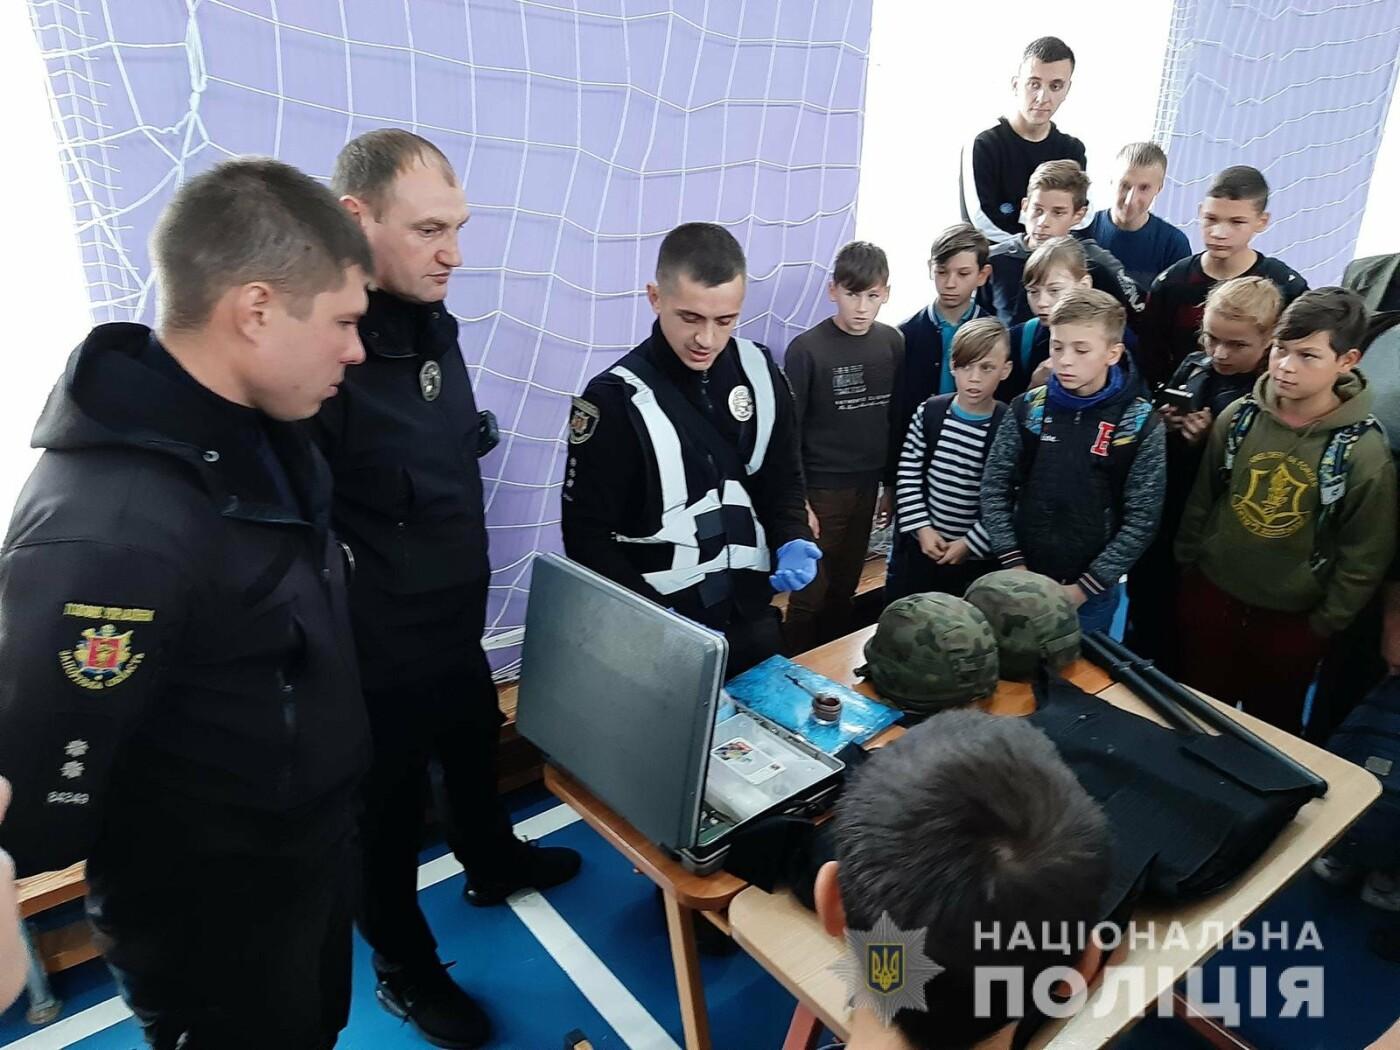 Полицейские и спасатели рассказали школьникам Мелитопольского района о своих профессиях, фото-2